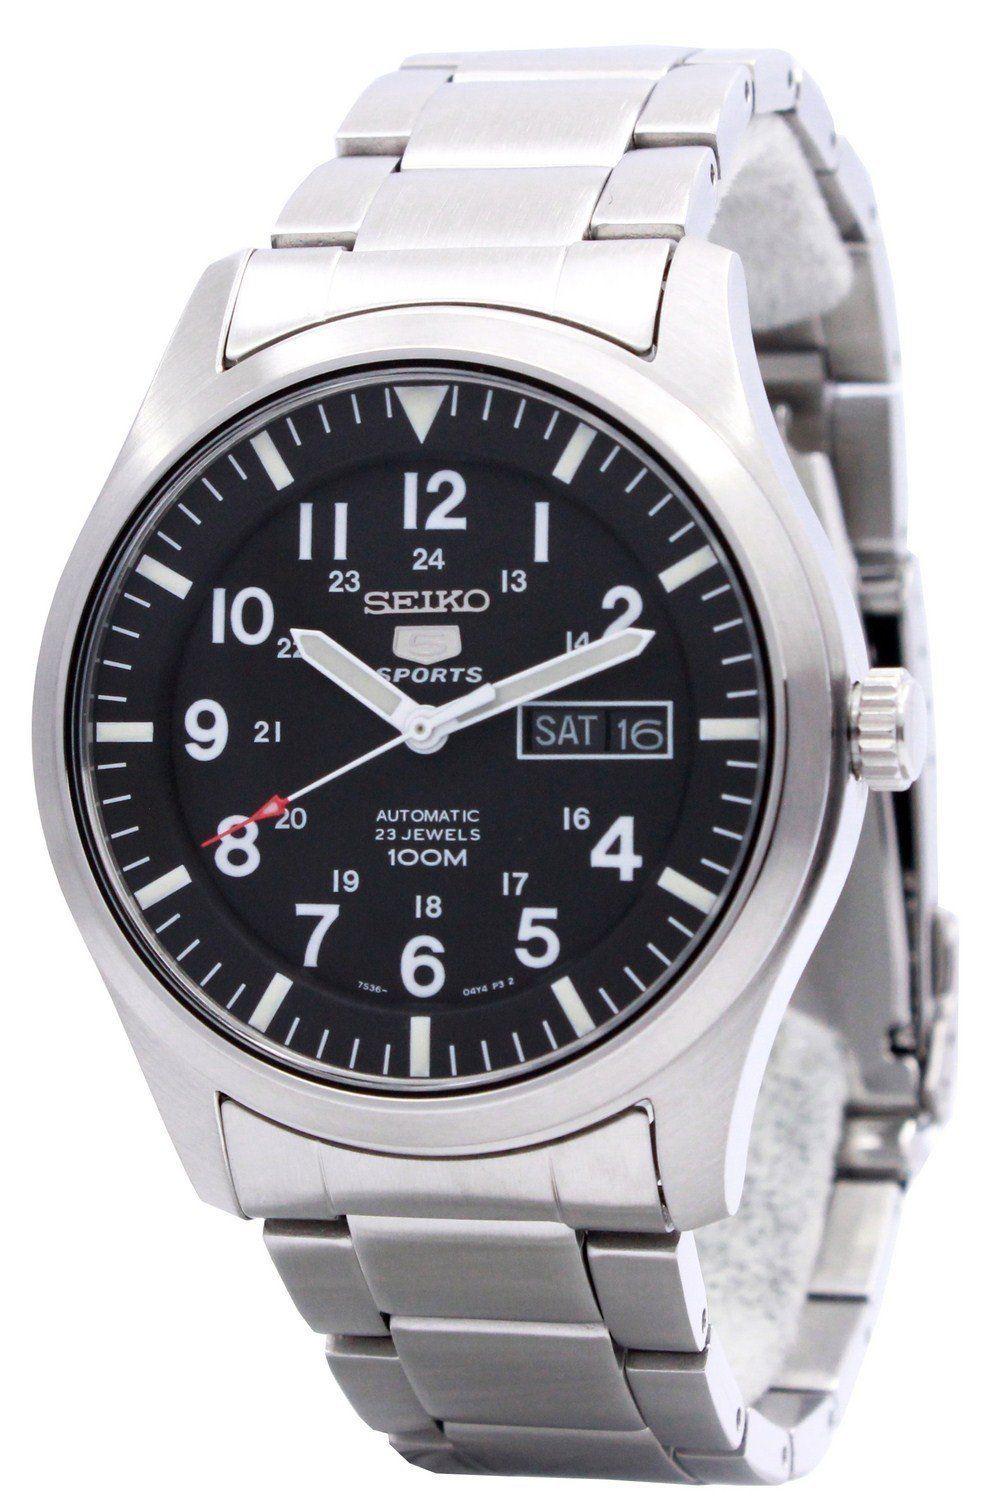 นาฬิกาผู้ชาย Seiko รุ่น SNZG13K1, Seiko 5 Automatic Men's Watch